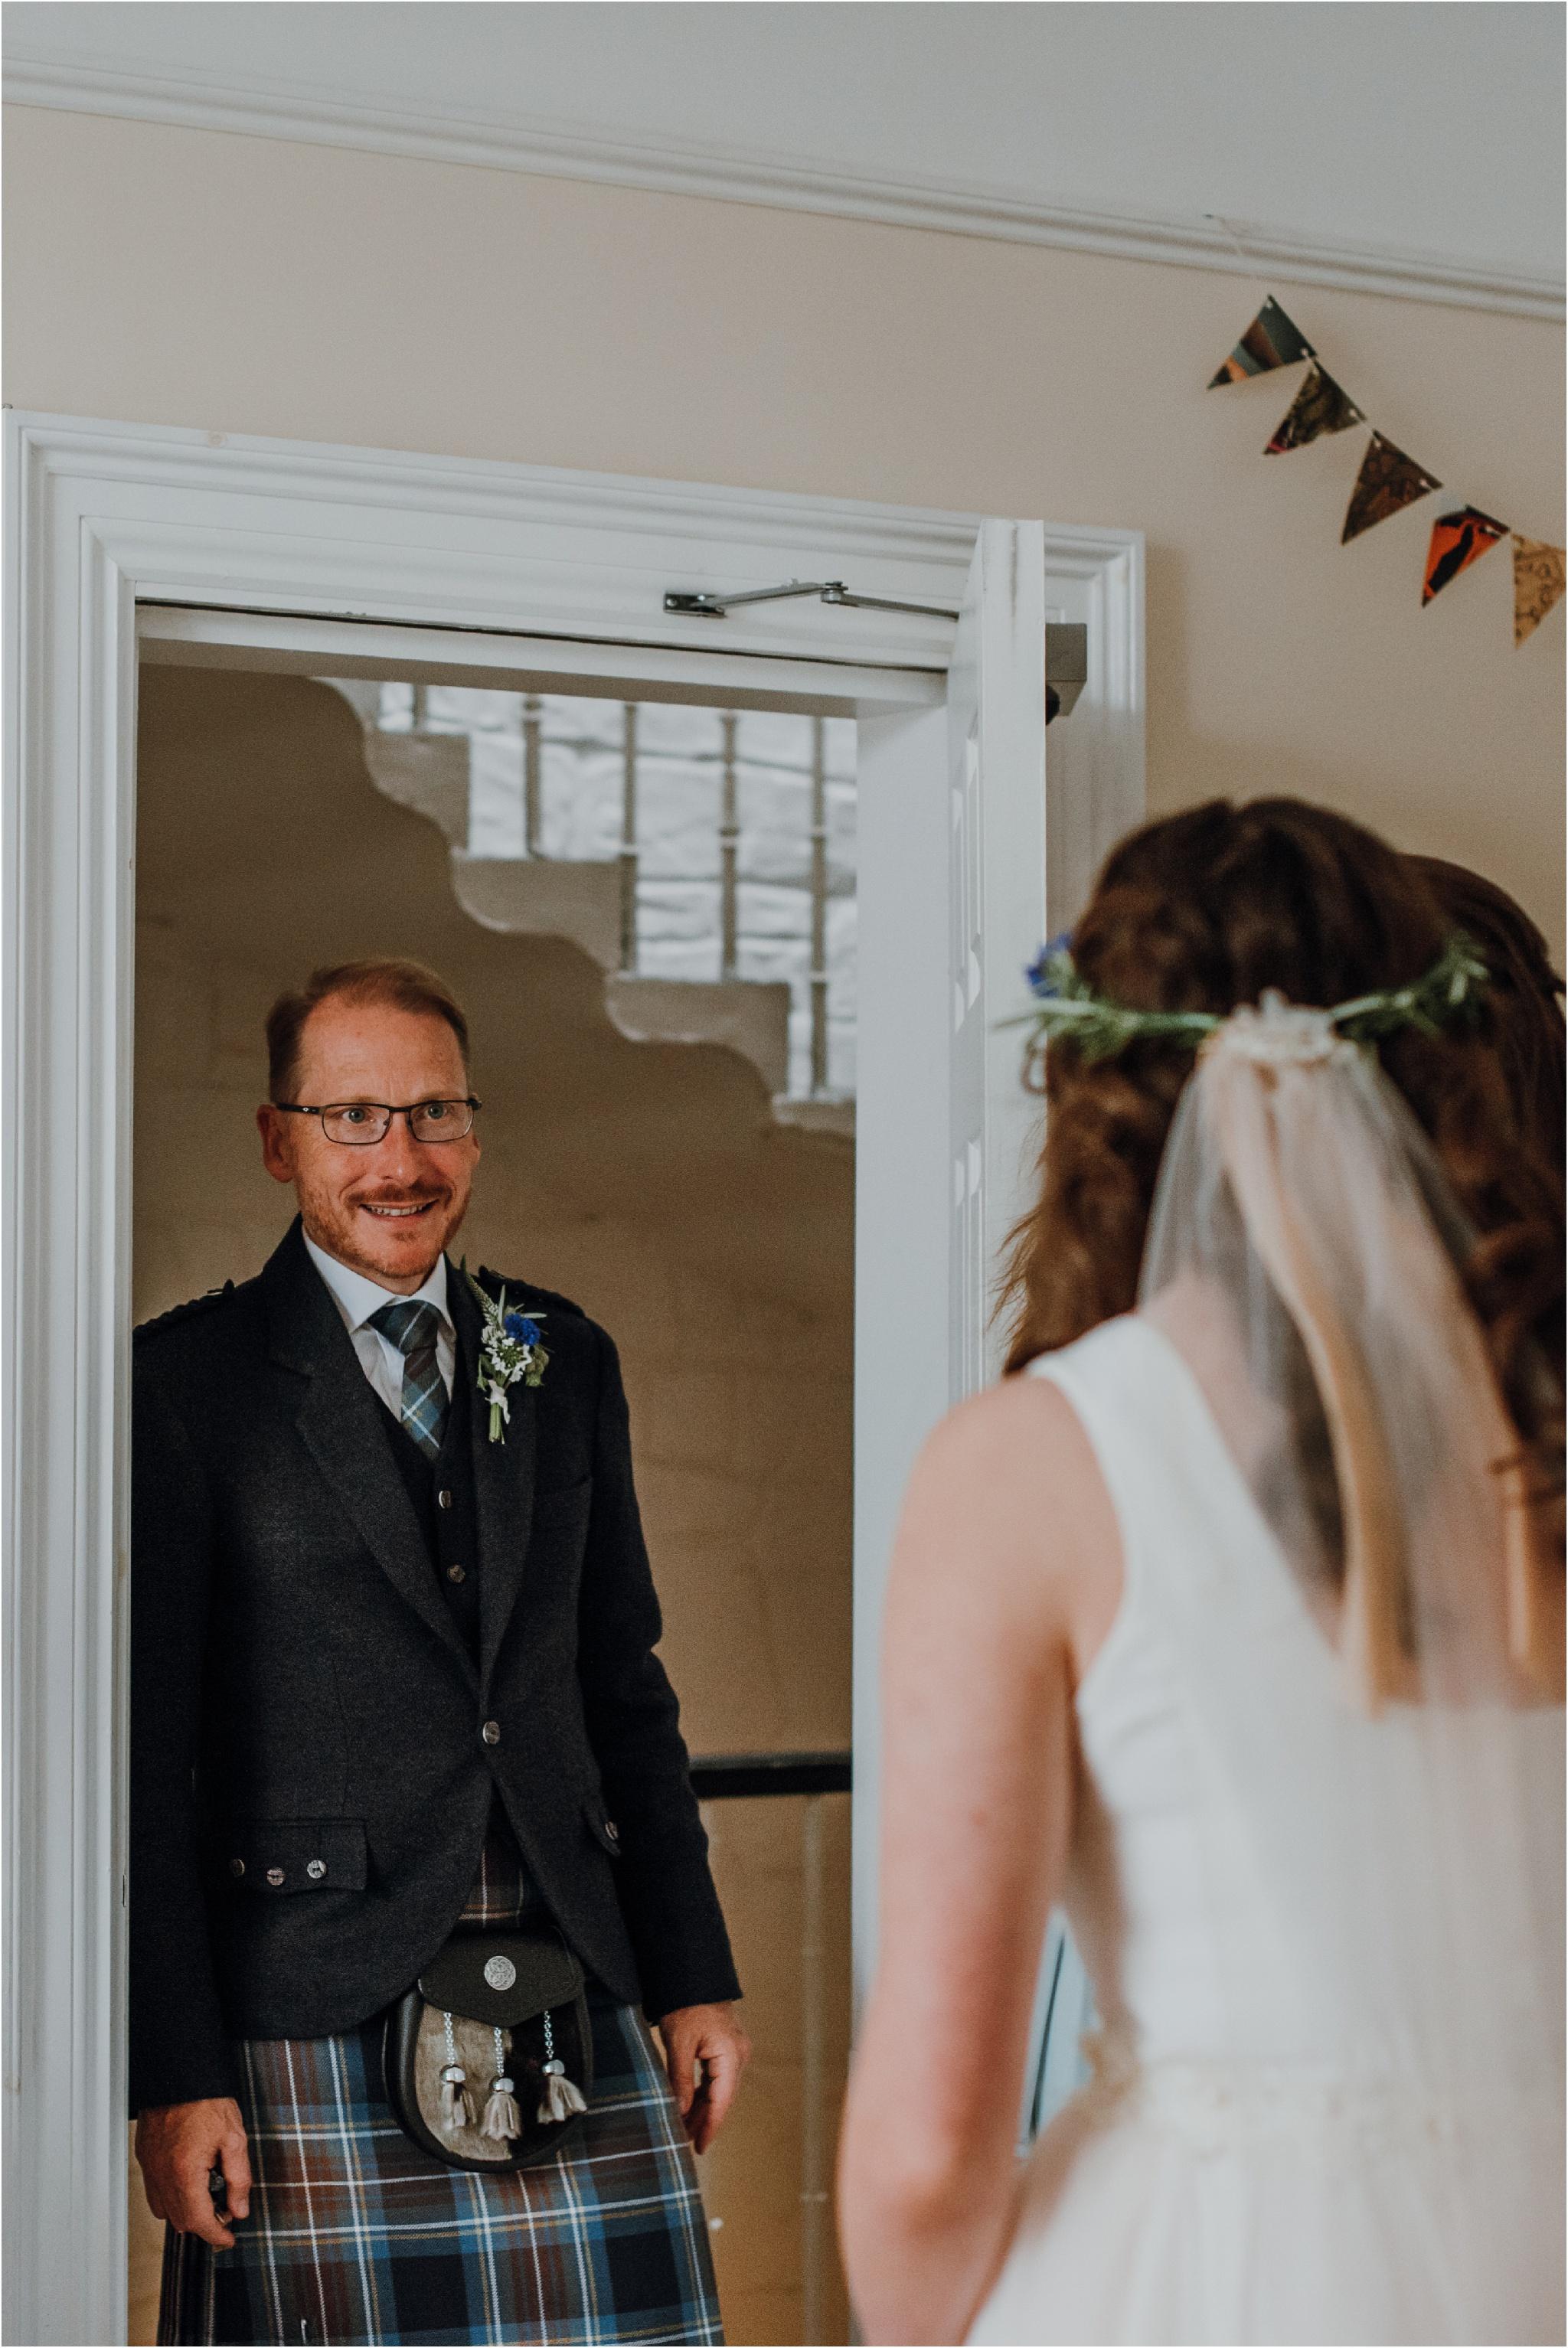 Edinburgh-barn-wedding-photographer_20.jpg